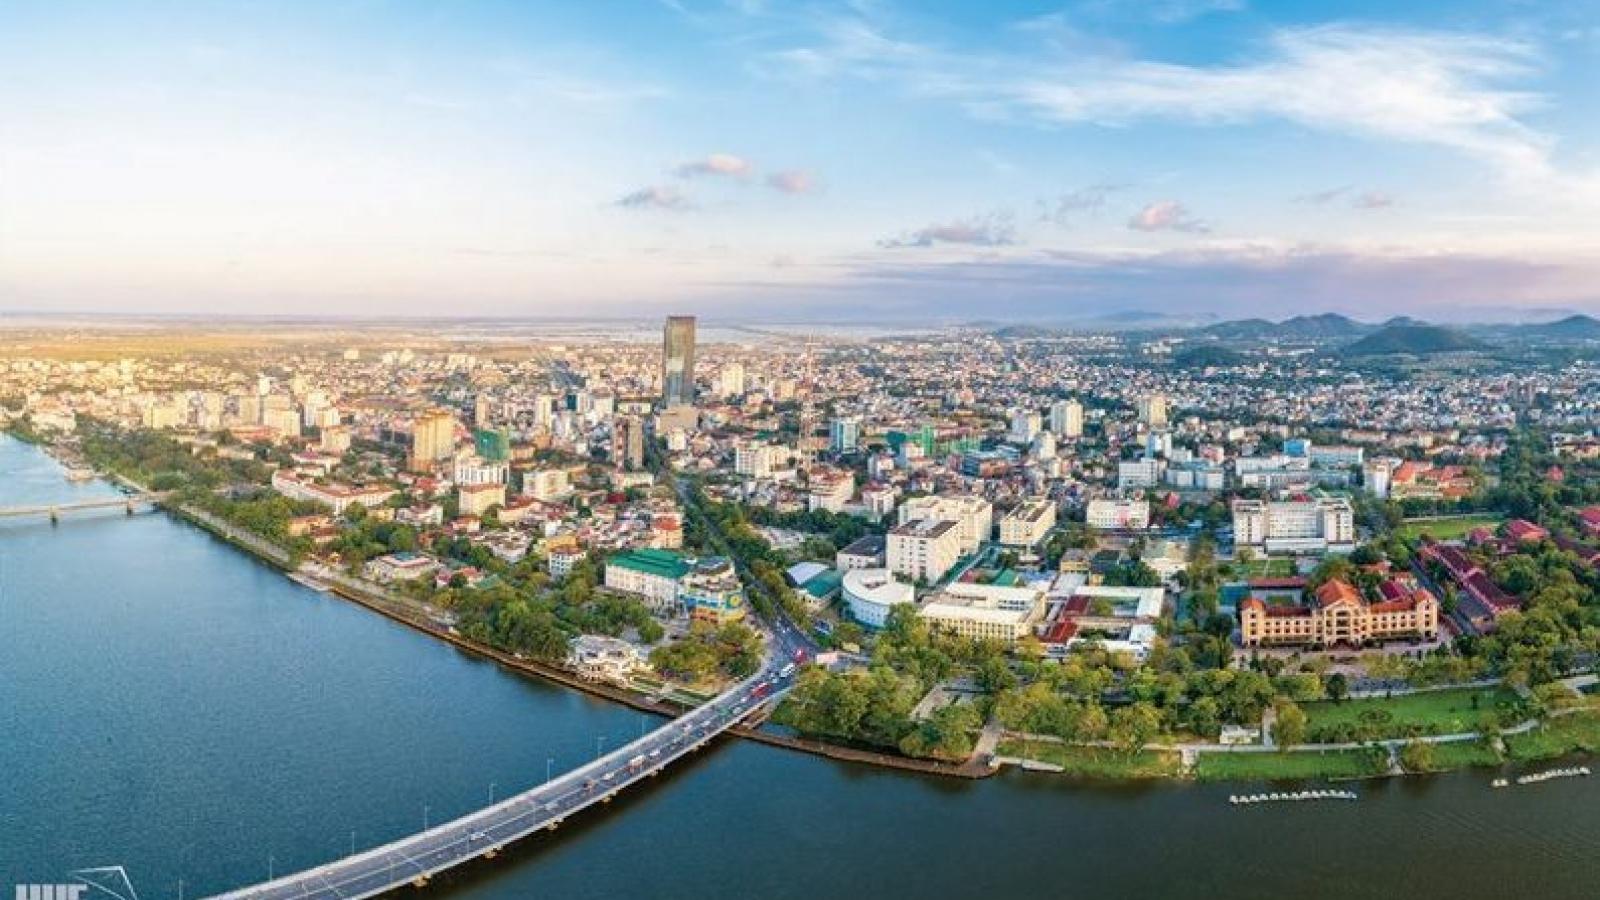 Xây dựng, phát triển Thừa Thiên Huế trở thành thành phố trực thuộc Trung ương